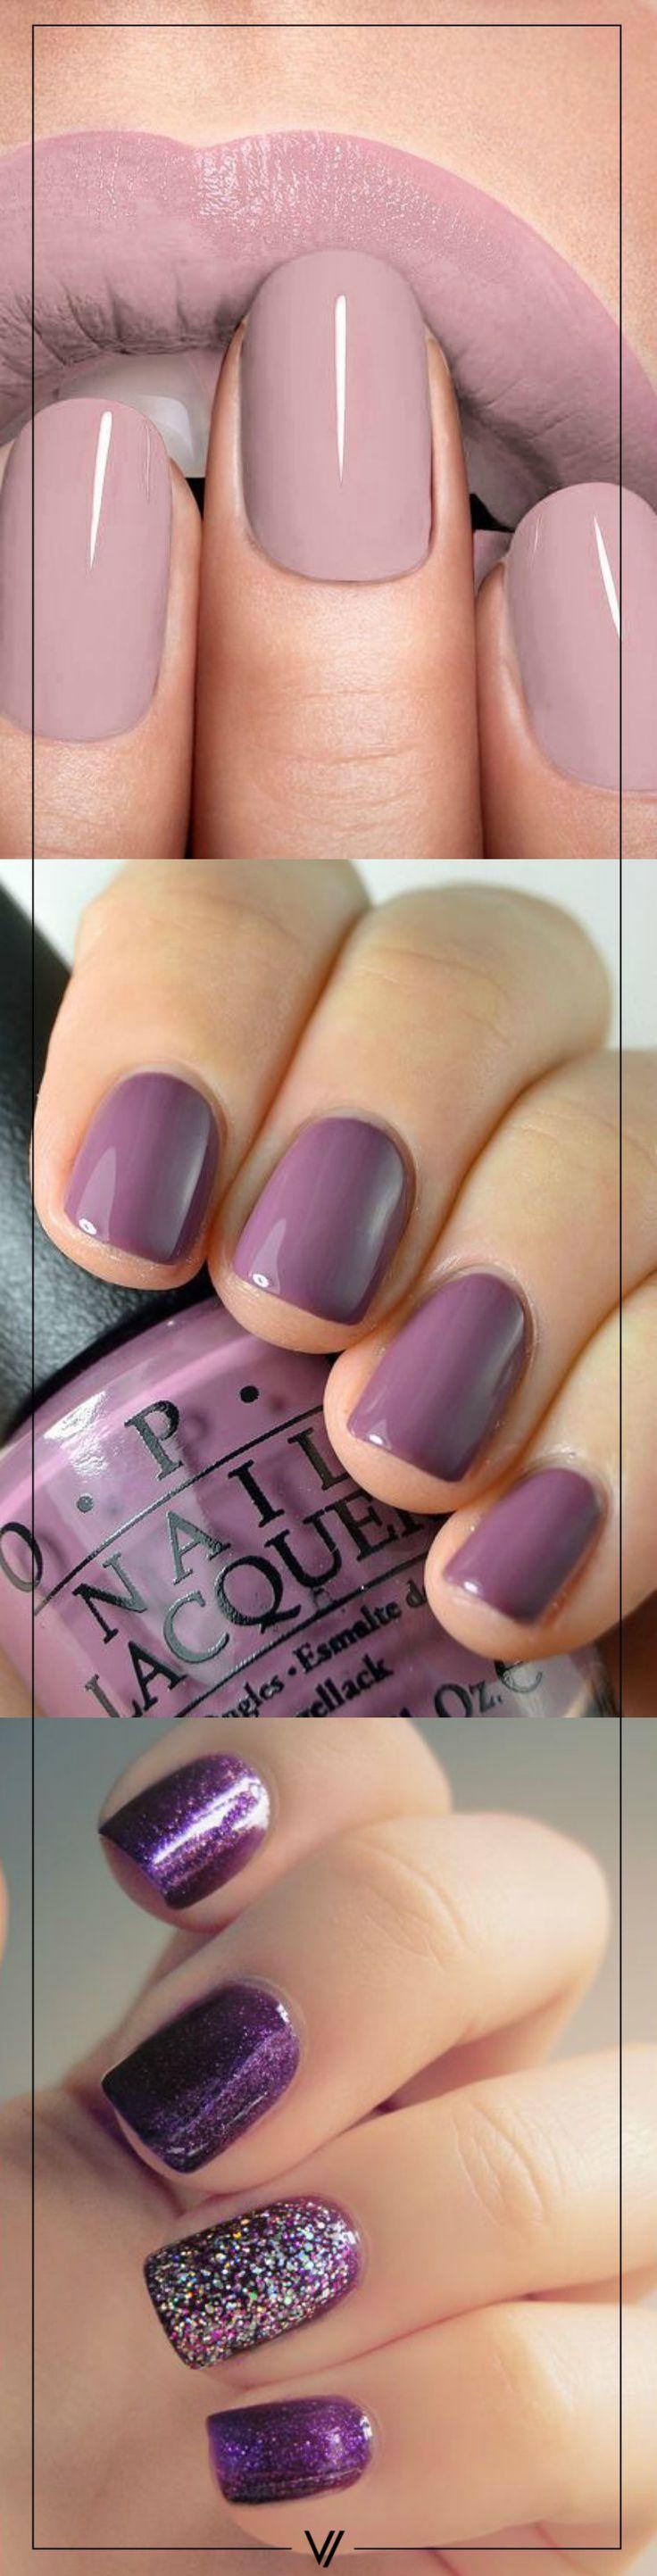 Uñas moradas para enamorar. #Nails #Uñas